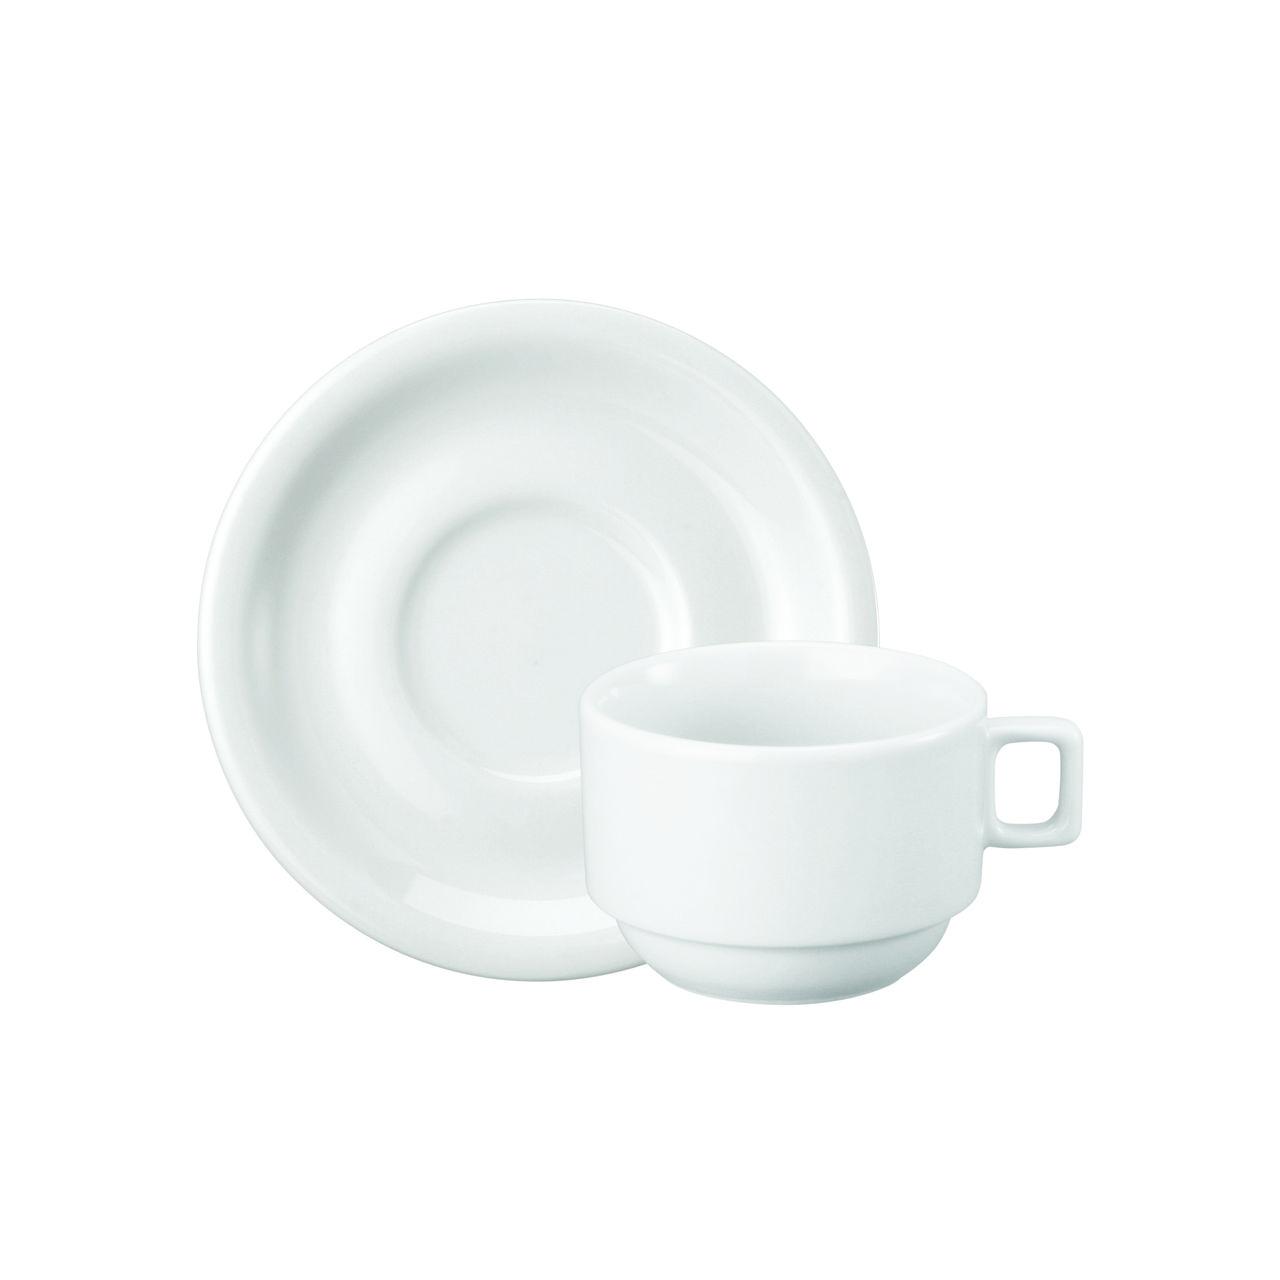 Jogo De Xícara Chá com Pires Protel 12 Peças Porcelana Branca Schmidt